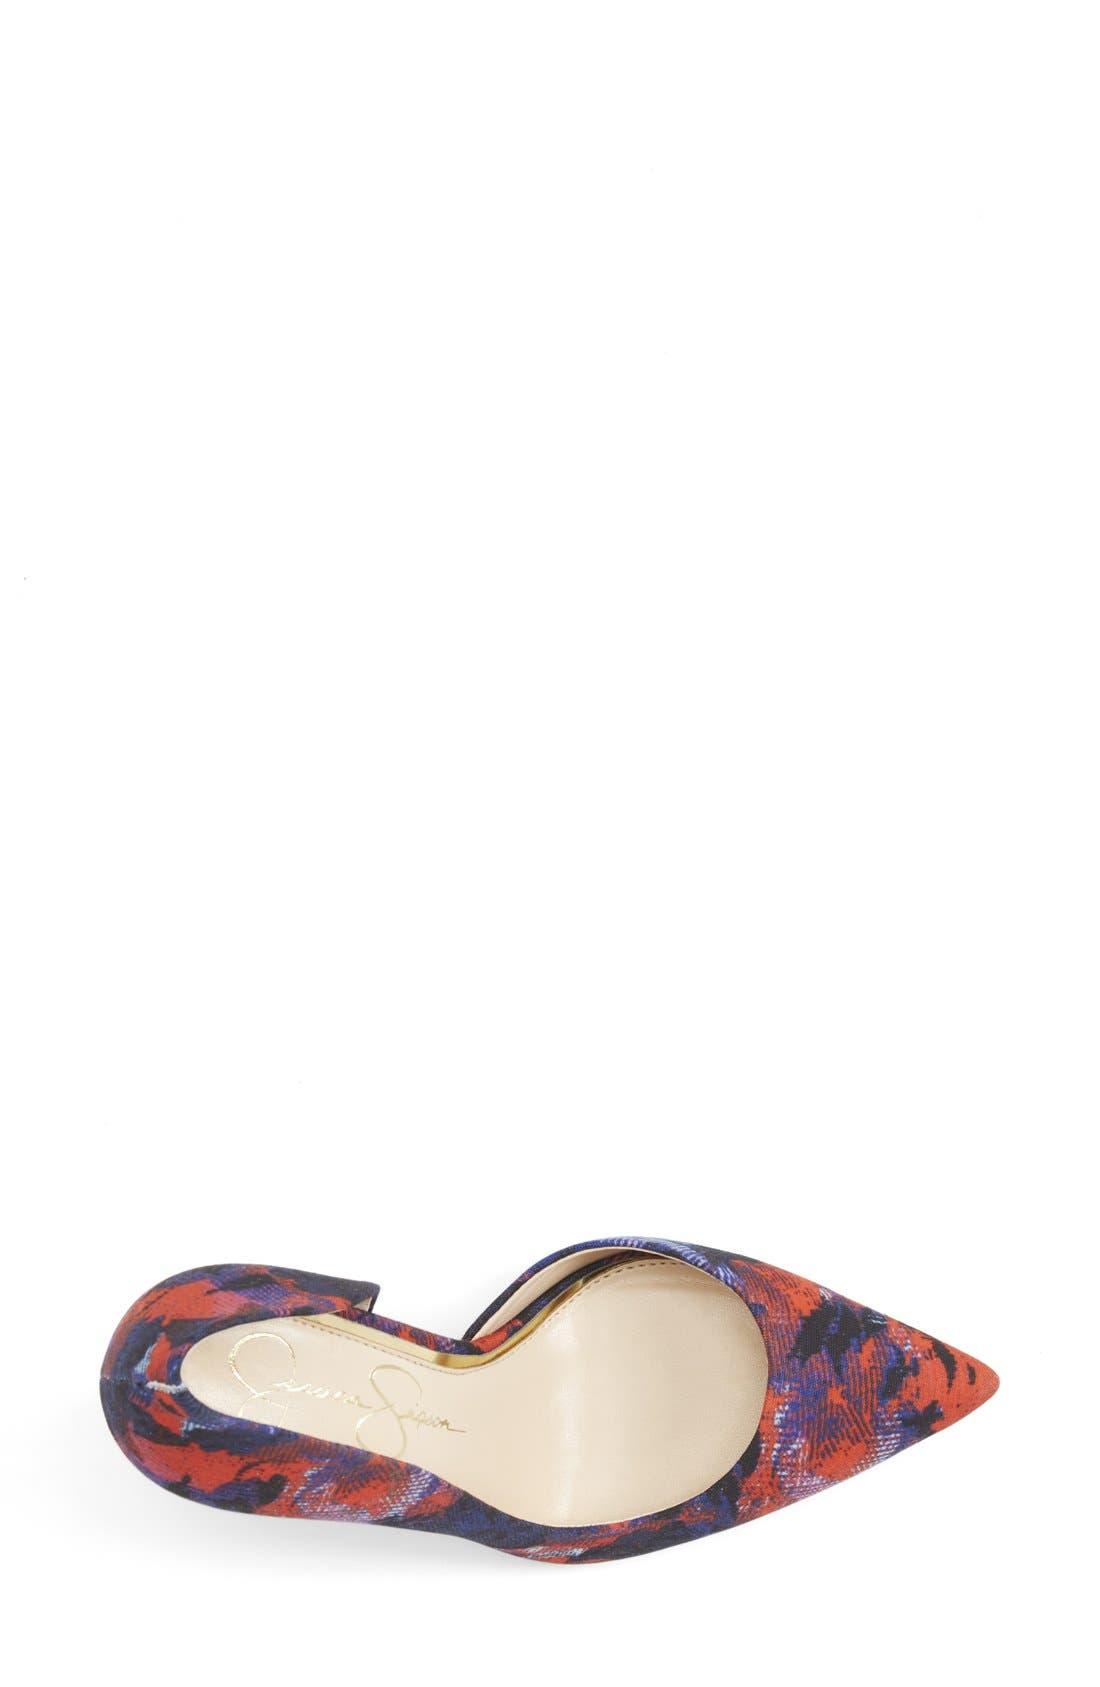 ,                             'Claudette' Half d'Orsay Pump,                             Alternate thumbnail 164, color,                             401